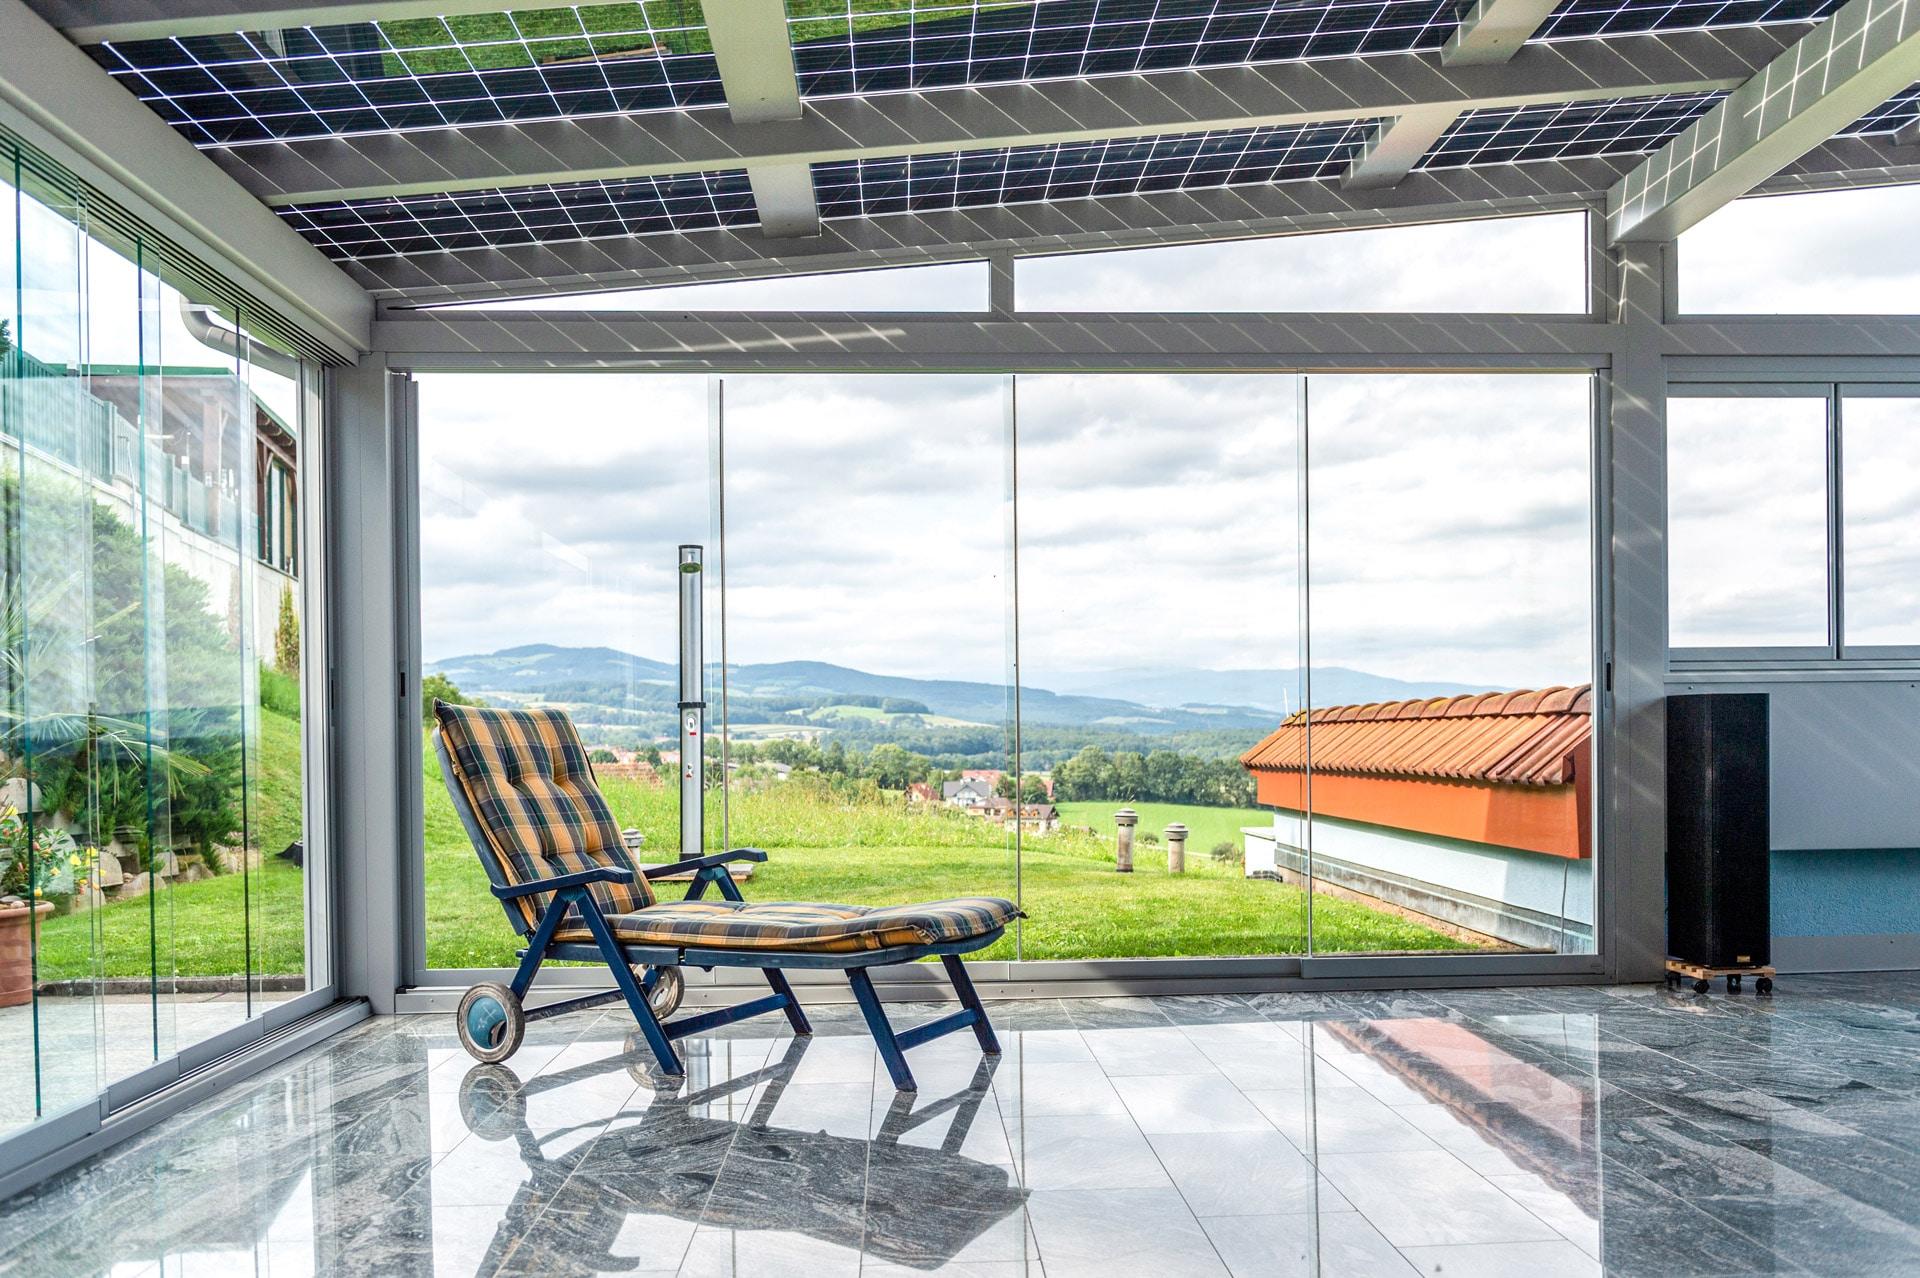 Schiebe 08 e | Schiebeverglasung als Wind- und Regenschutz bei Aludach, Ansicht von Innen | Svoboda